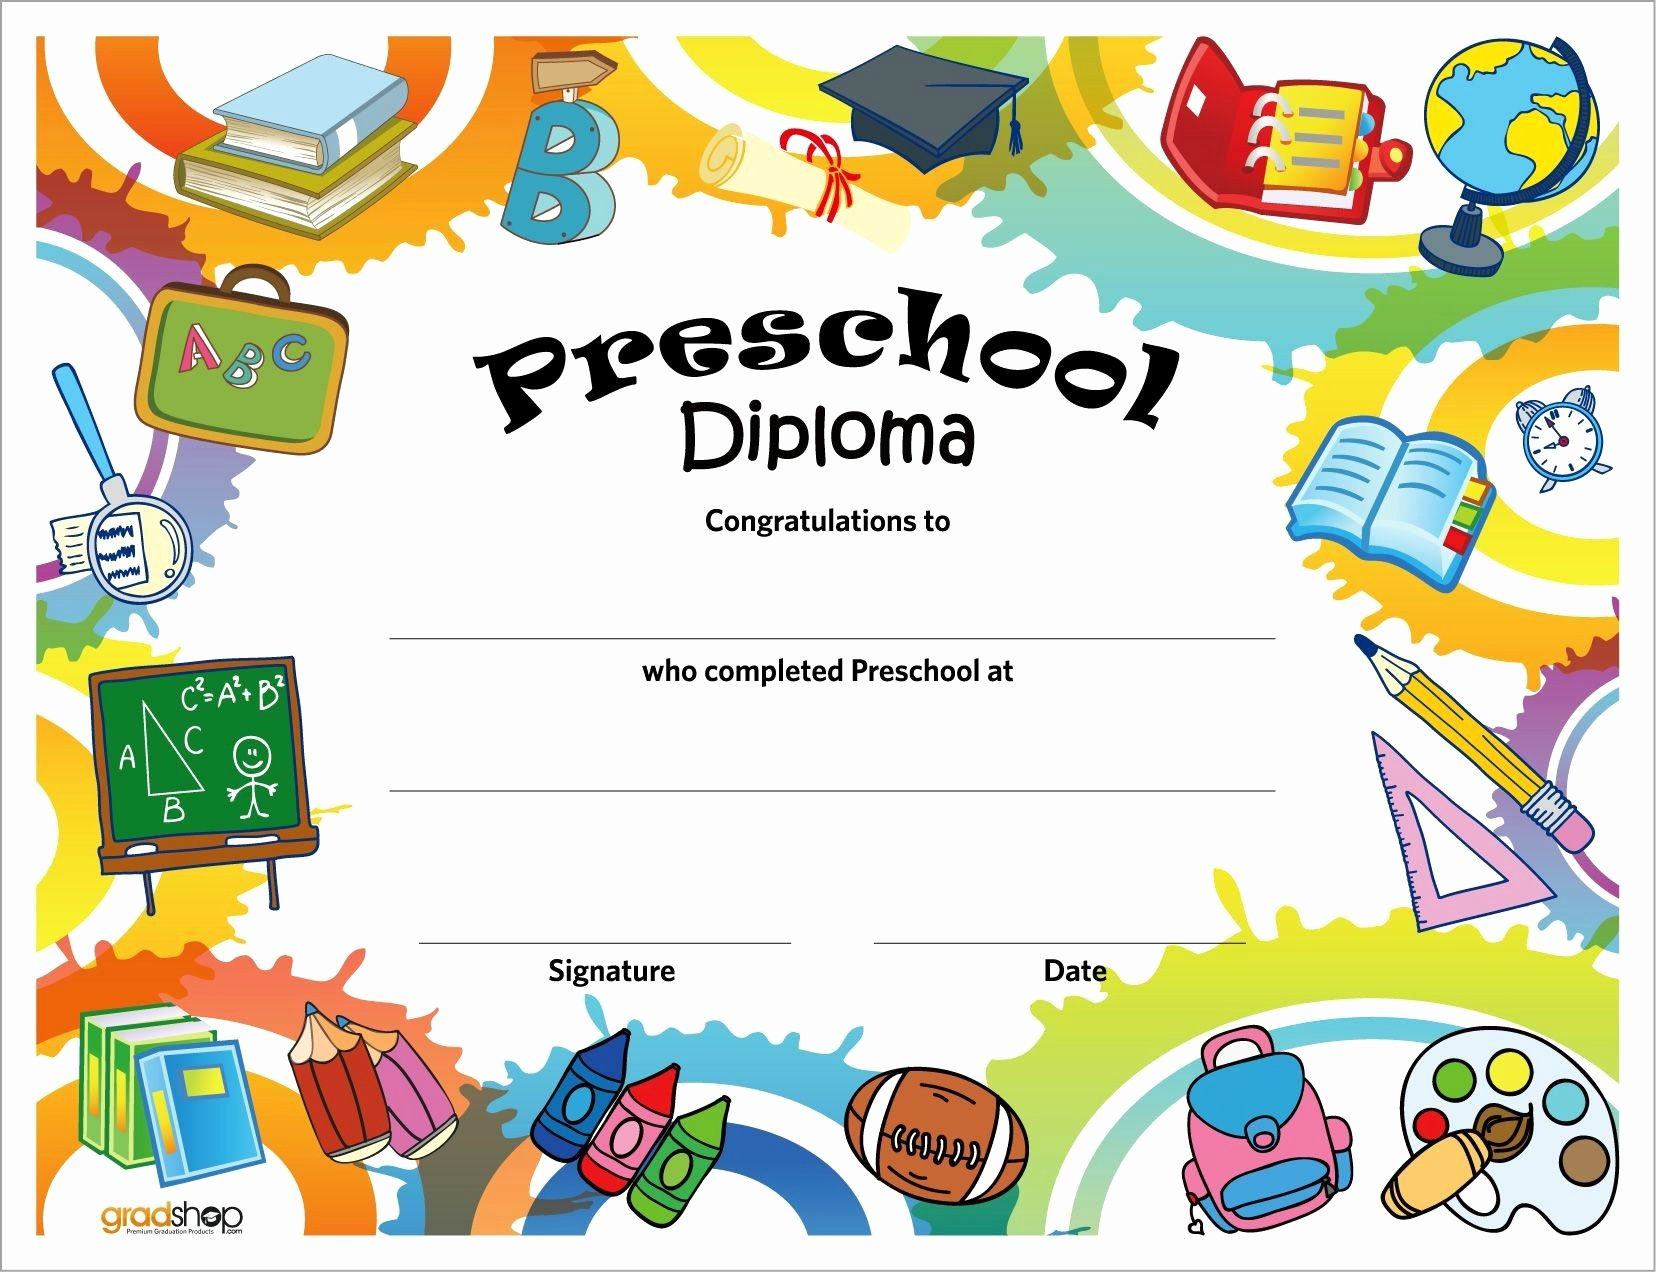 Preschool Graduation Certificate Template Inspirational 11 Preschool Certificate Templates Pdf